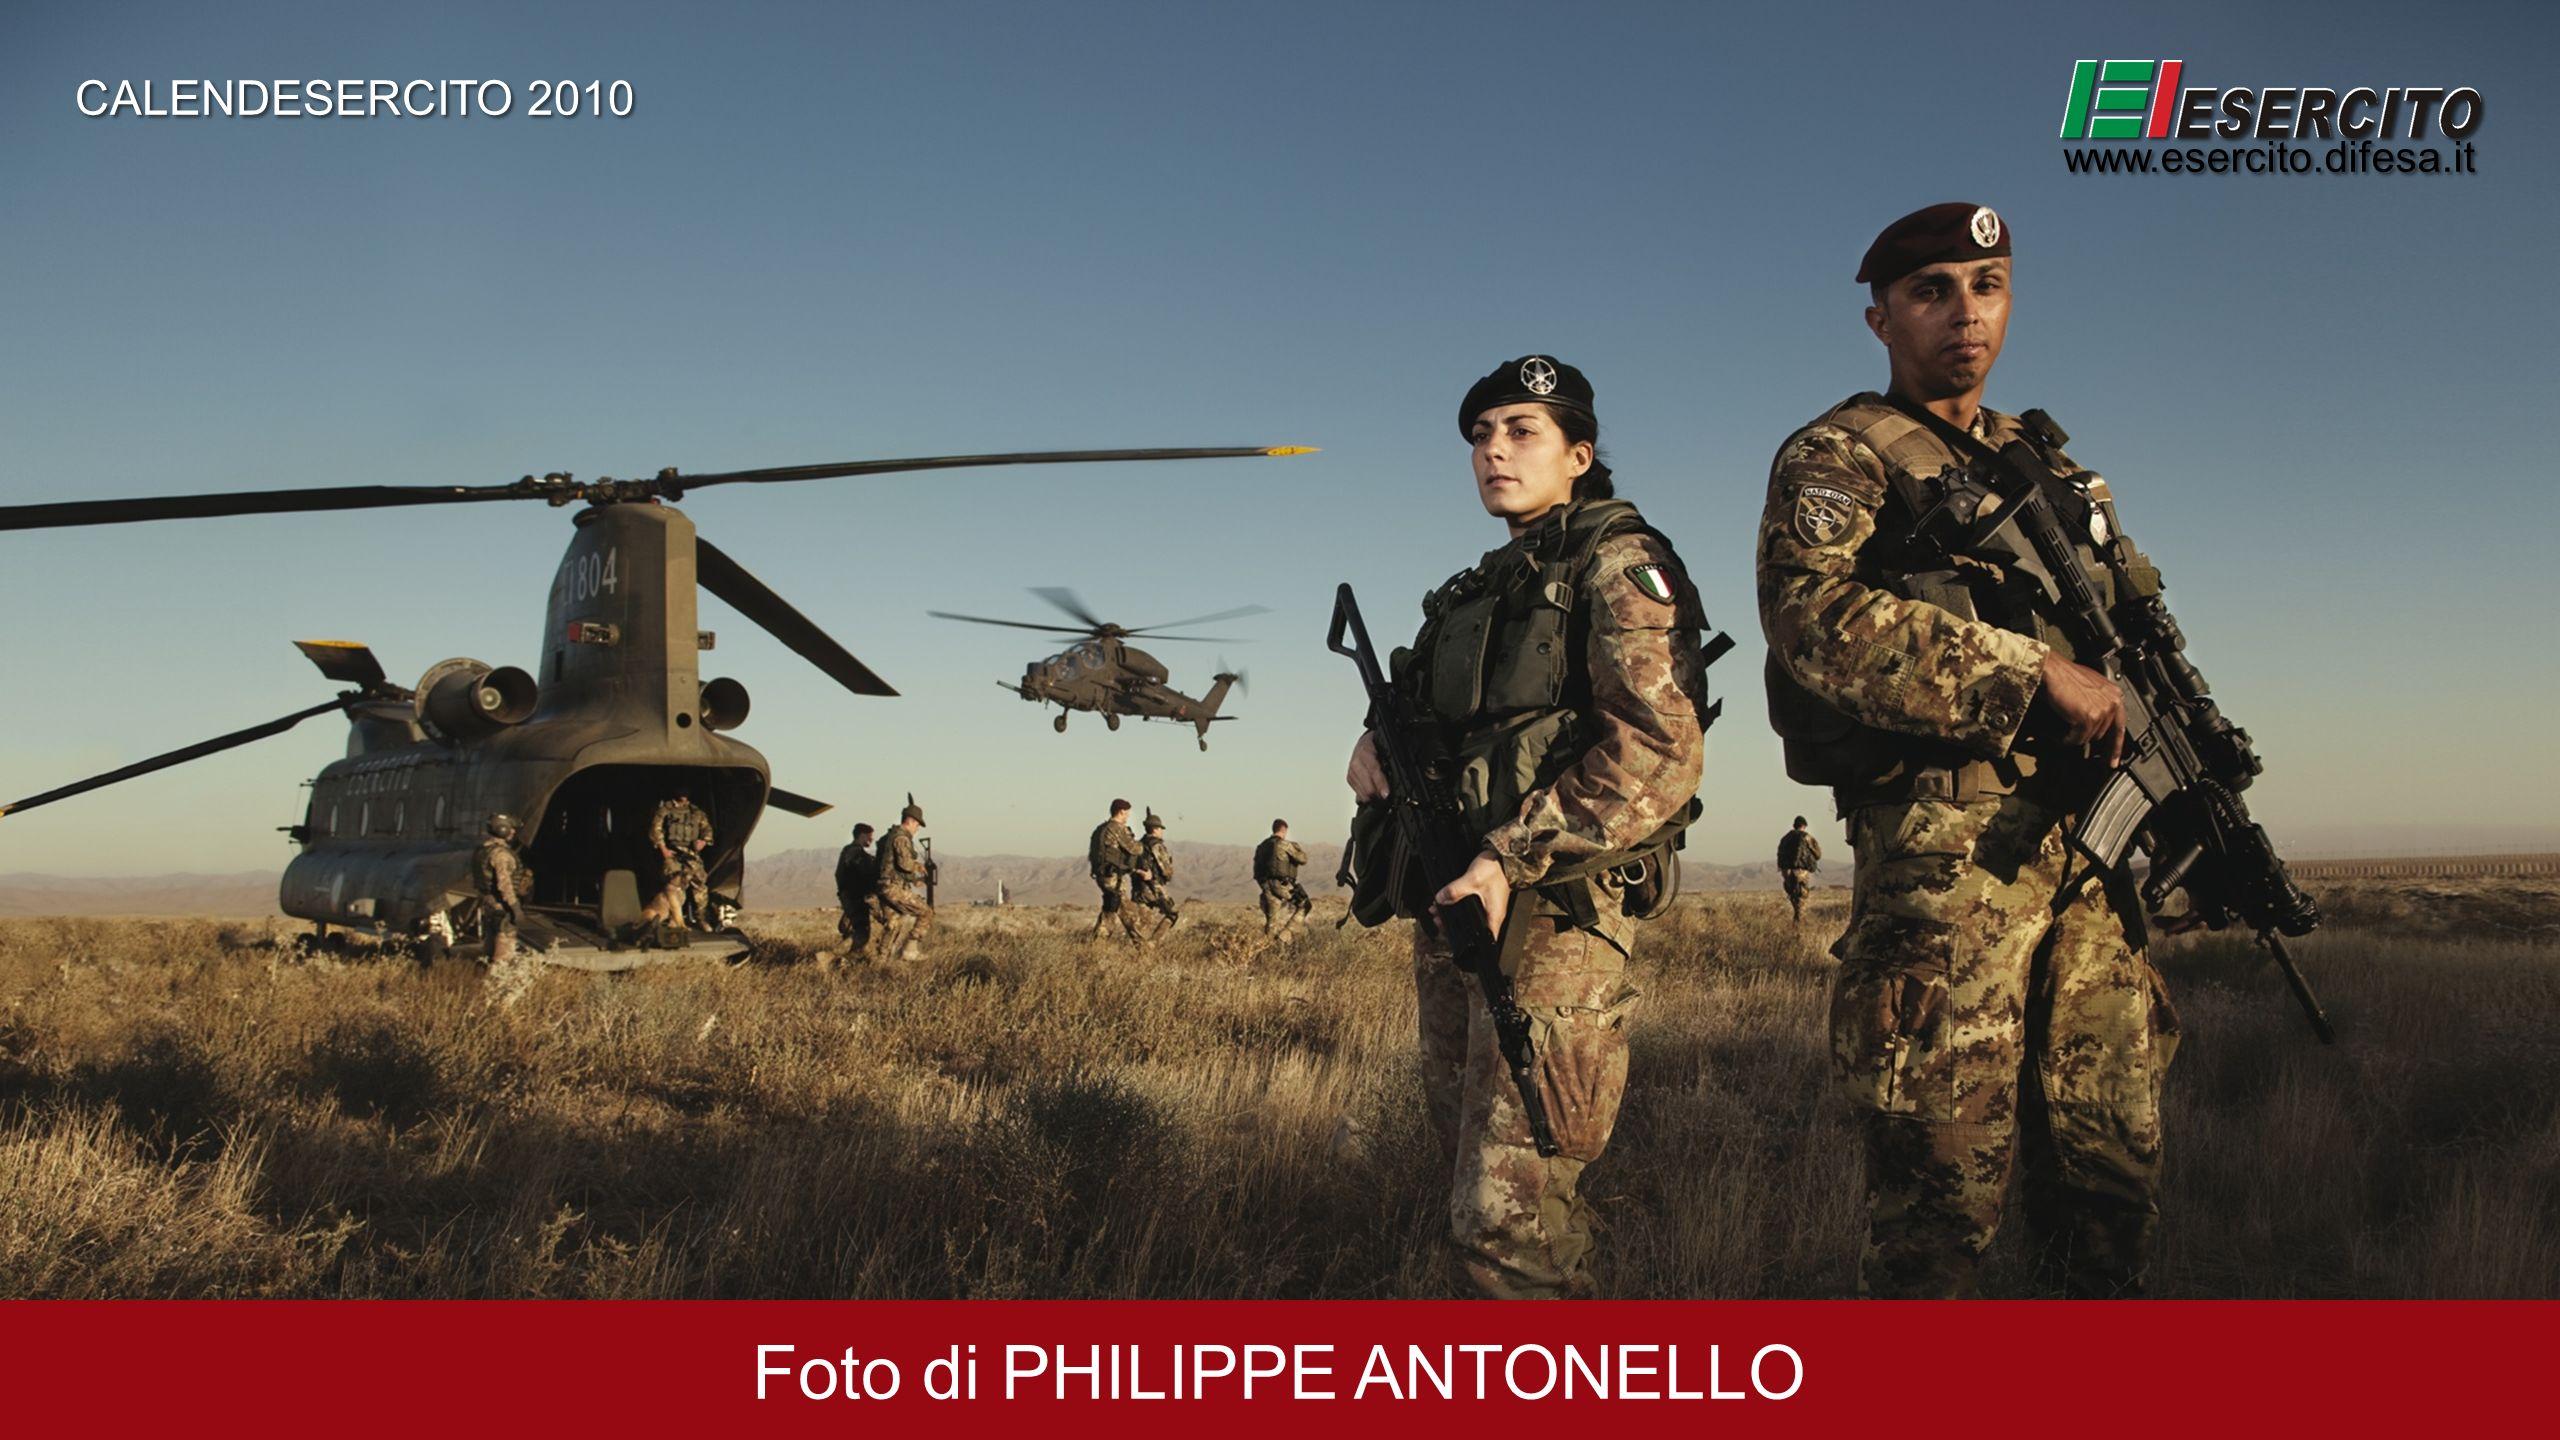 Foto di PHILIPPE ANTONELLO